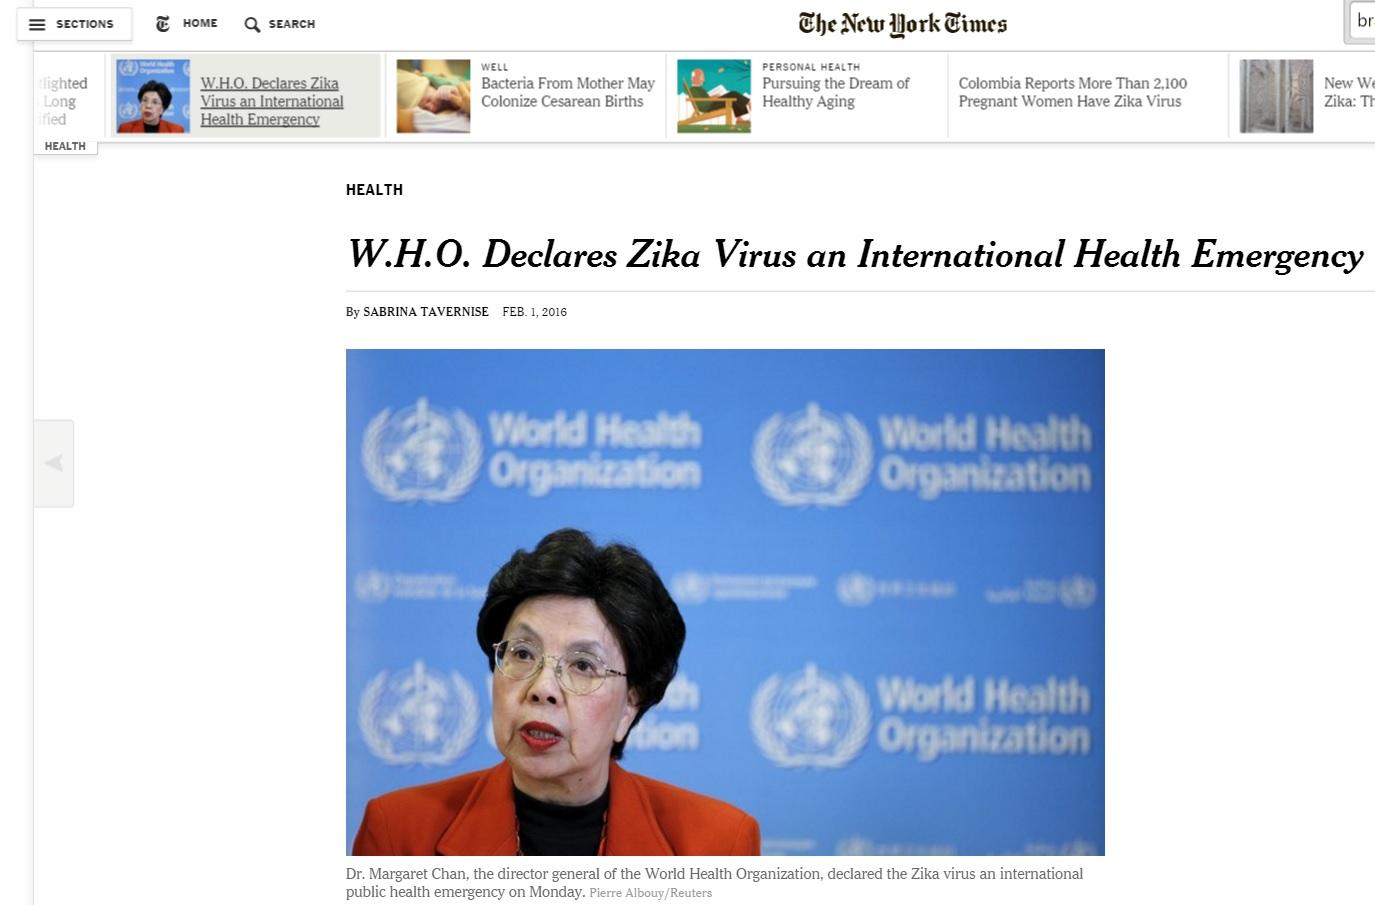 OMS declara zika uma emegência internacional, em reportagem do 'New York Times'